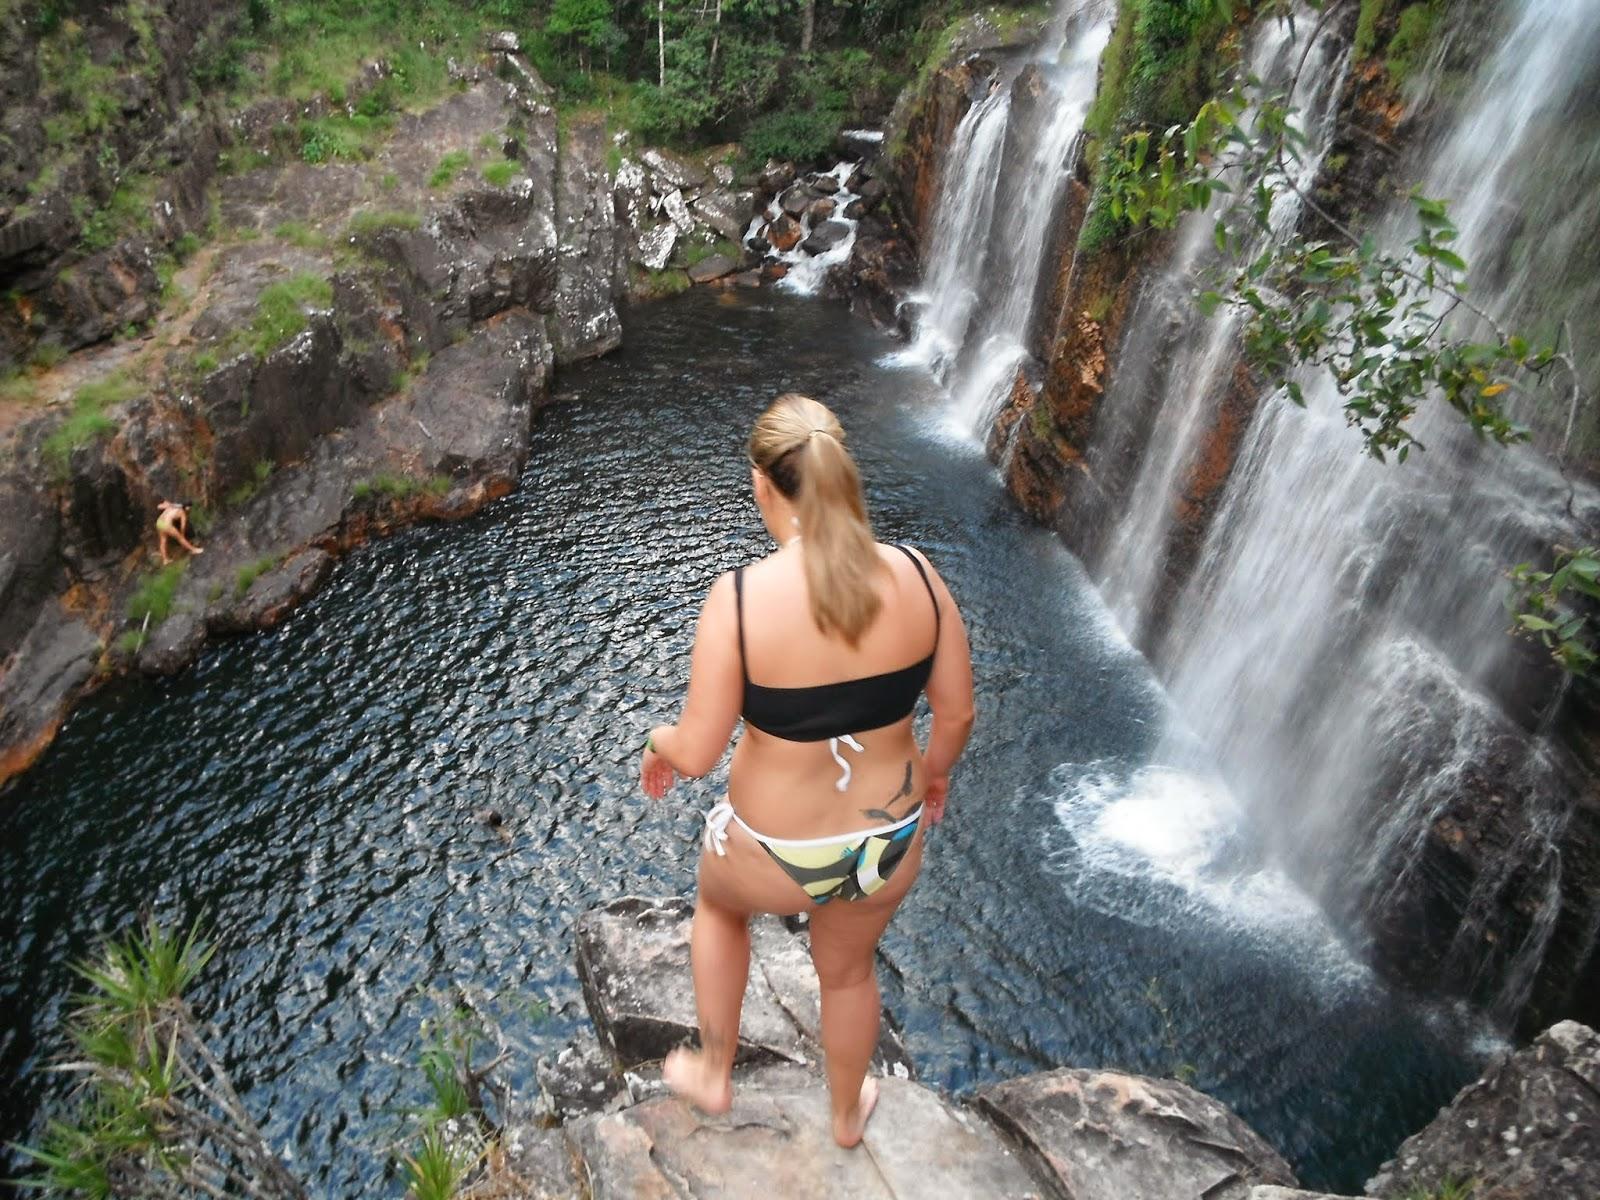 Salto na Cachoeira Almécegas I, Fazenda São Bento, Alto Paraíso, Chapada dos Veadeiros